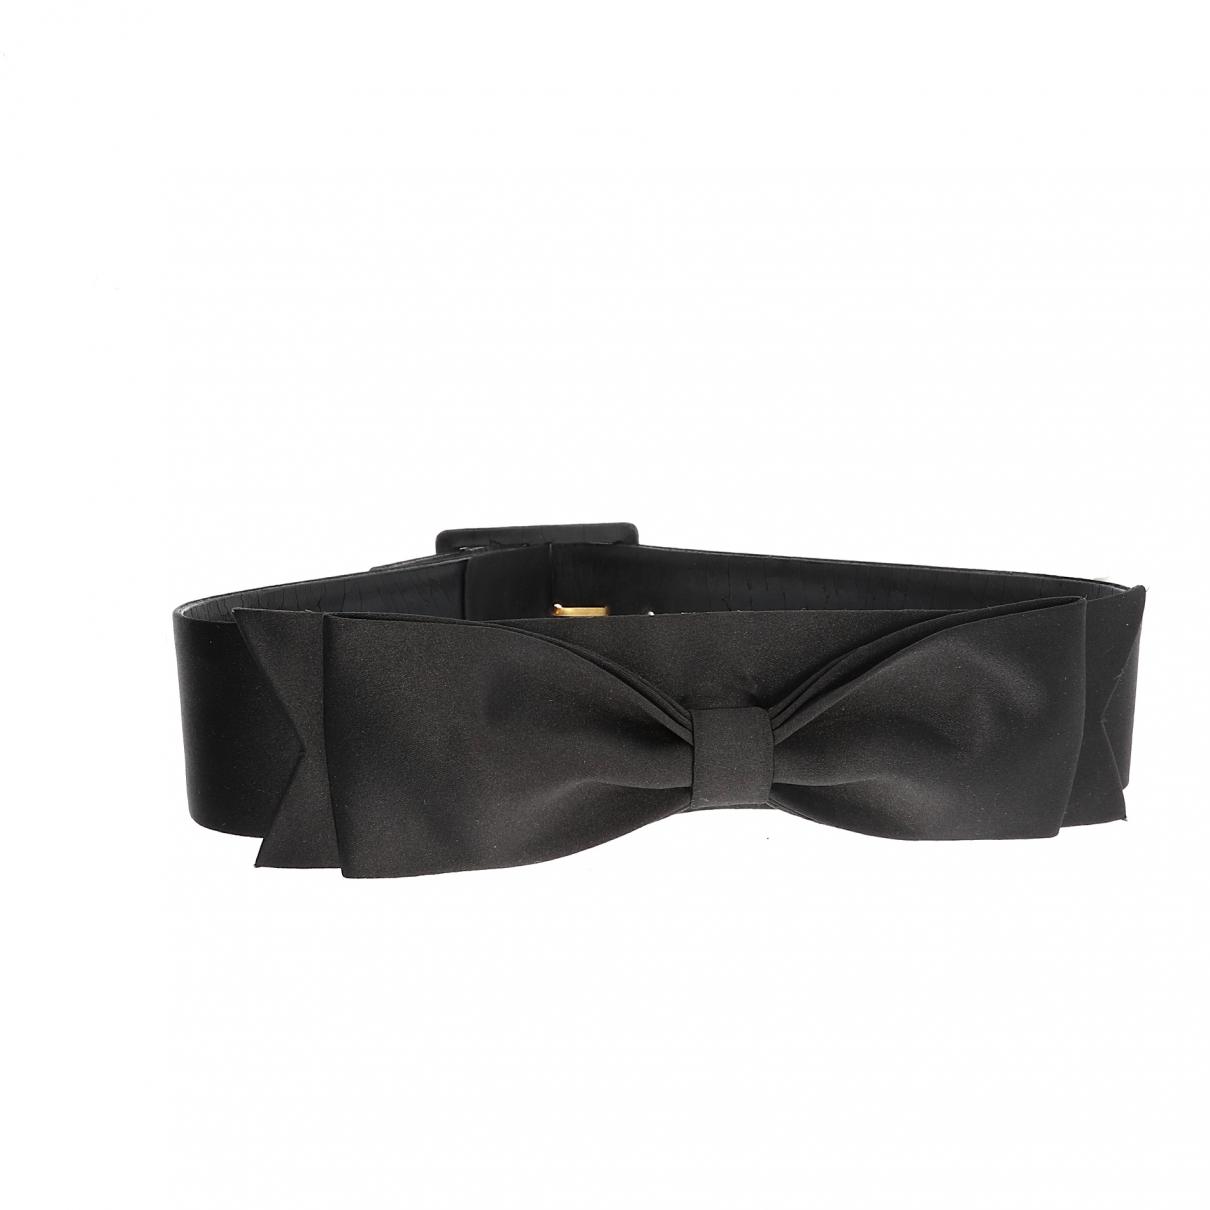 Cinturon de Lona Chanel